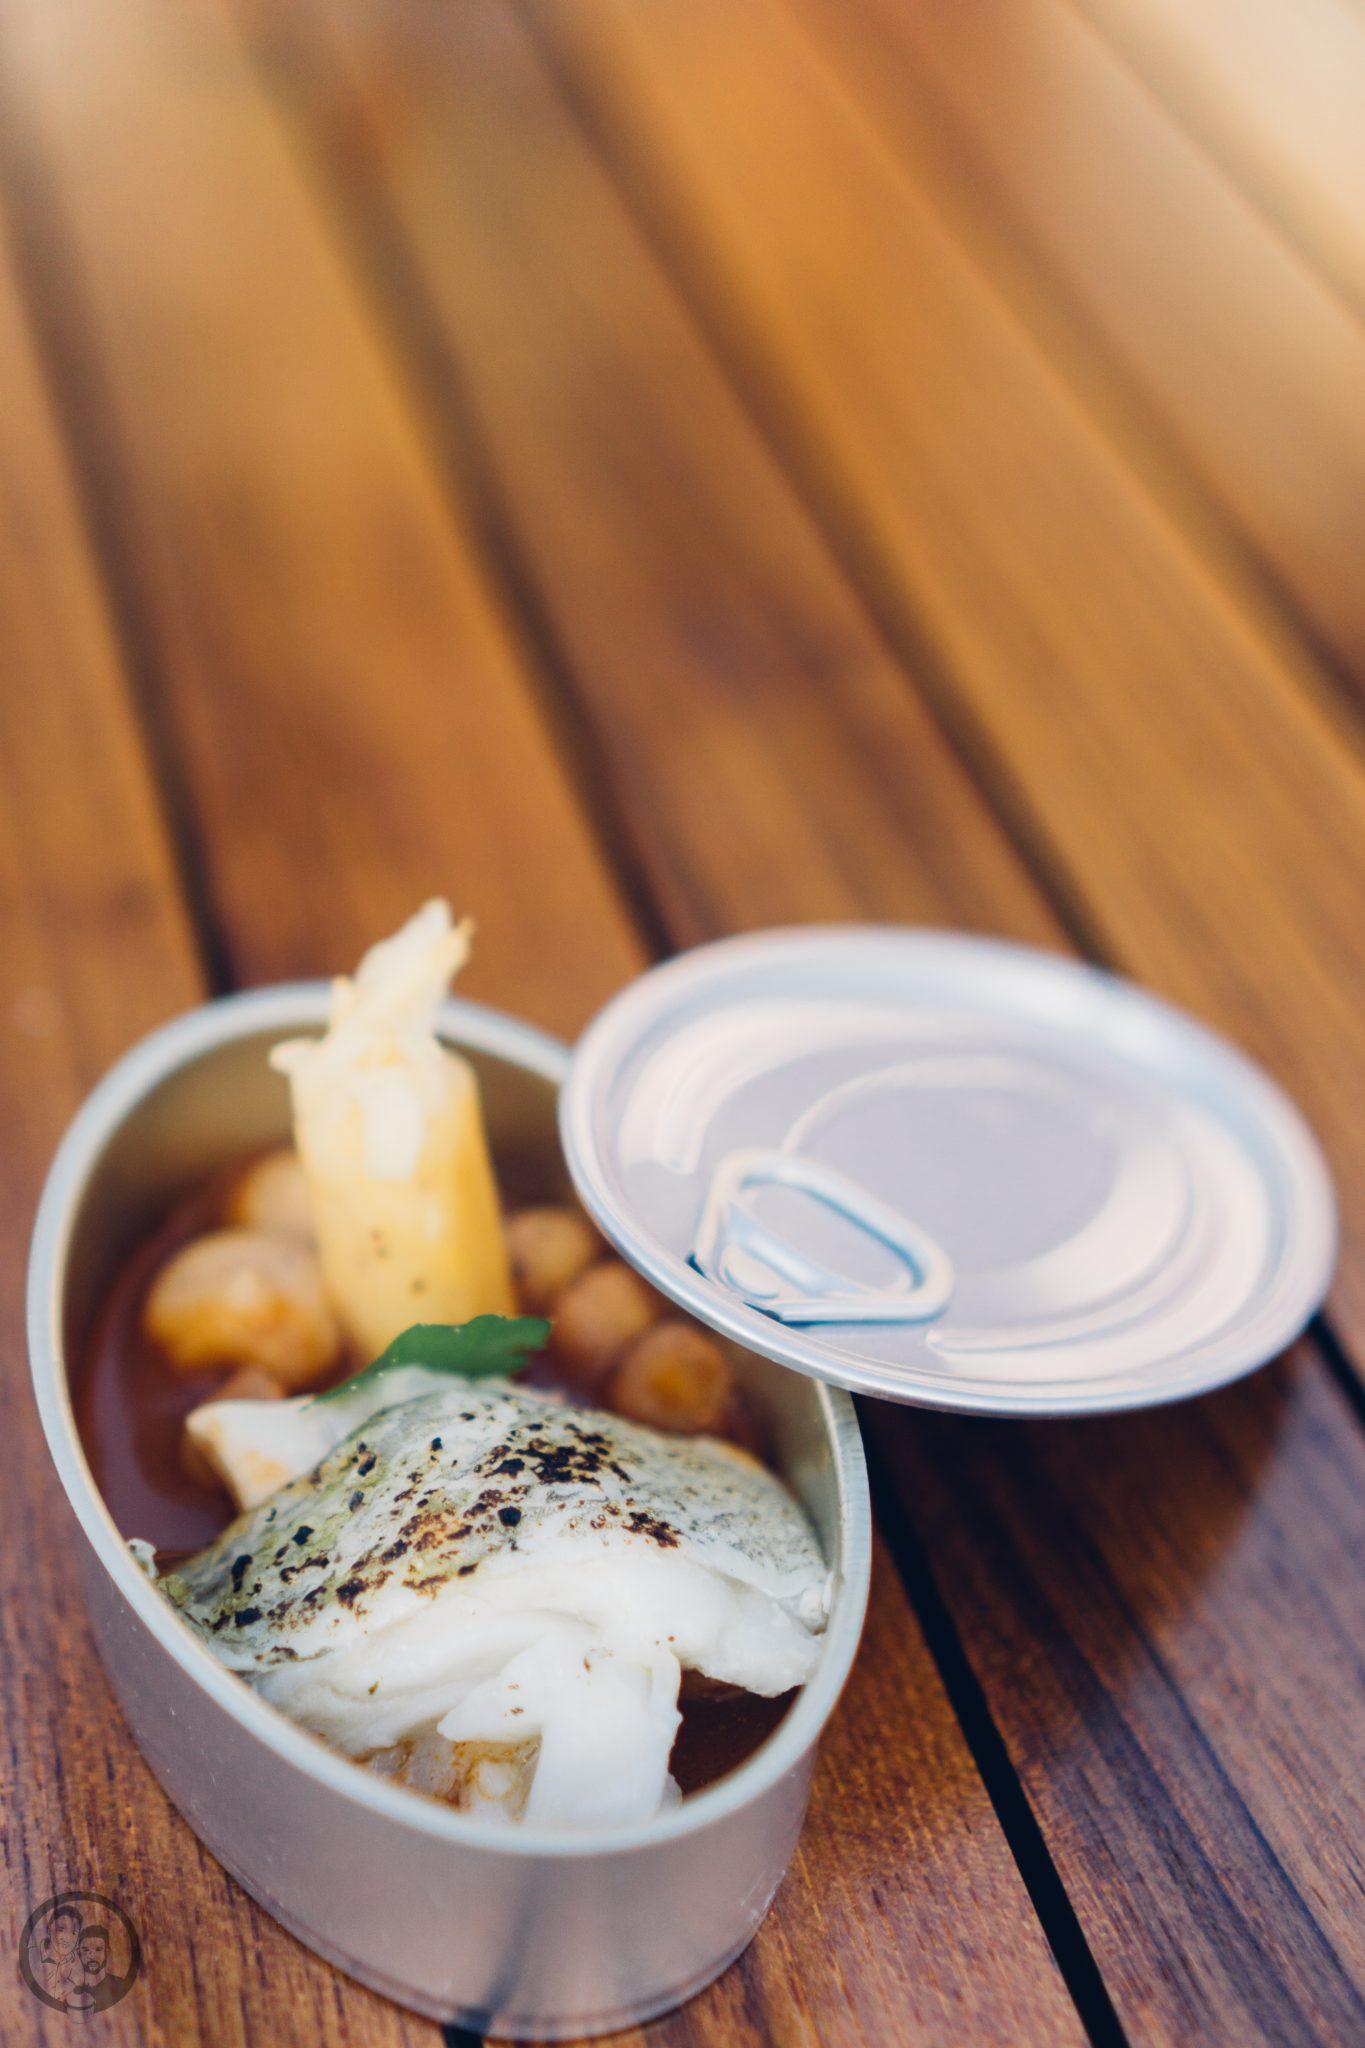 Vila Vita 6   Heute möchten wir euch von einem Foodie-Tag der Extraklasse durch Marburg berichten, dass ist nämlich schon lange überfällig. Die Vila Vita Marburghat gemeinsam mit Cat von Schlemmerkatze zum Schlemmertag gerufen und da sagen wir definitiv nicht nein zu.Die Vila Vita kennen wir ja schon seit der Landpartie im letzten Jahr und im Märzdurften wir den Genusstempel in seiner ganzen Vielfalt erleben. Zum Abschluss wurde dann auch noch gemeinsam gekocht und unseren Favorit von diesem Abend, stellen wir euch heute vor - Spicy Tartar Roll!